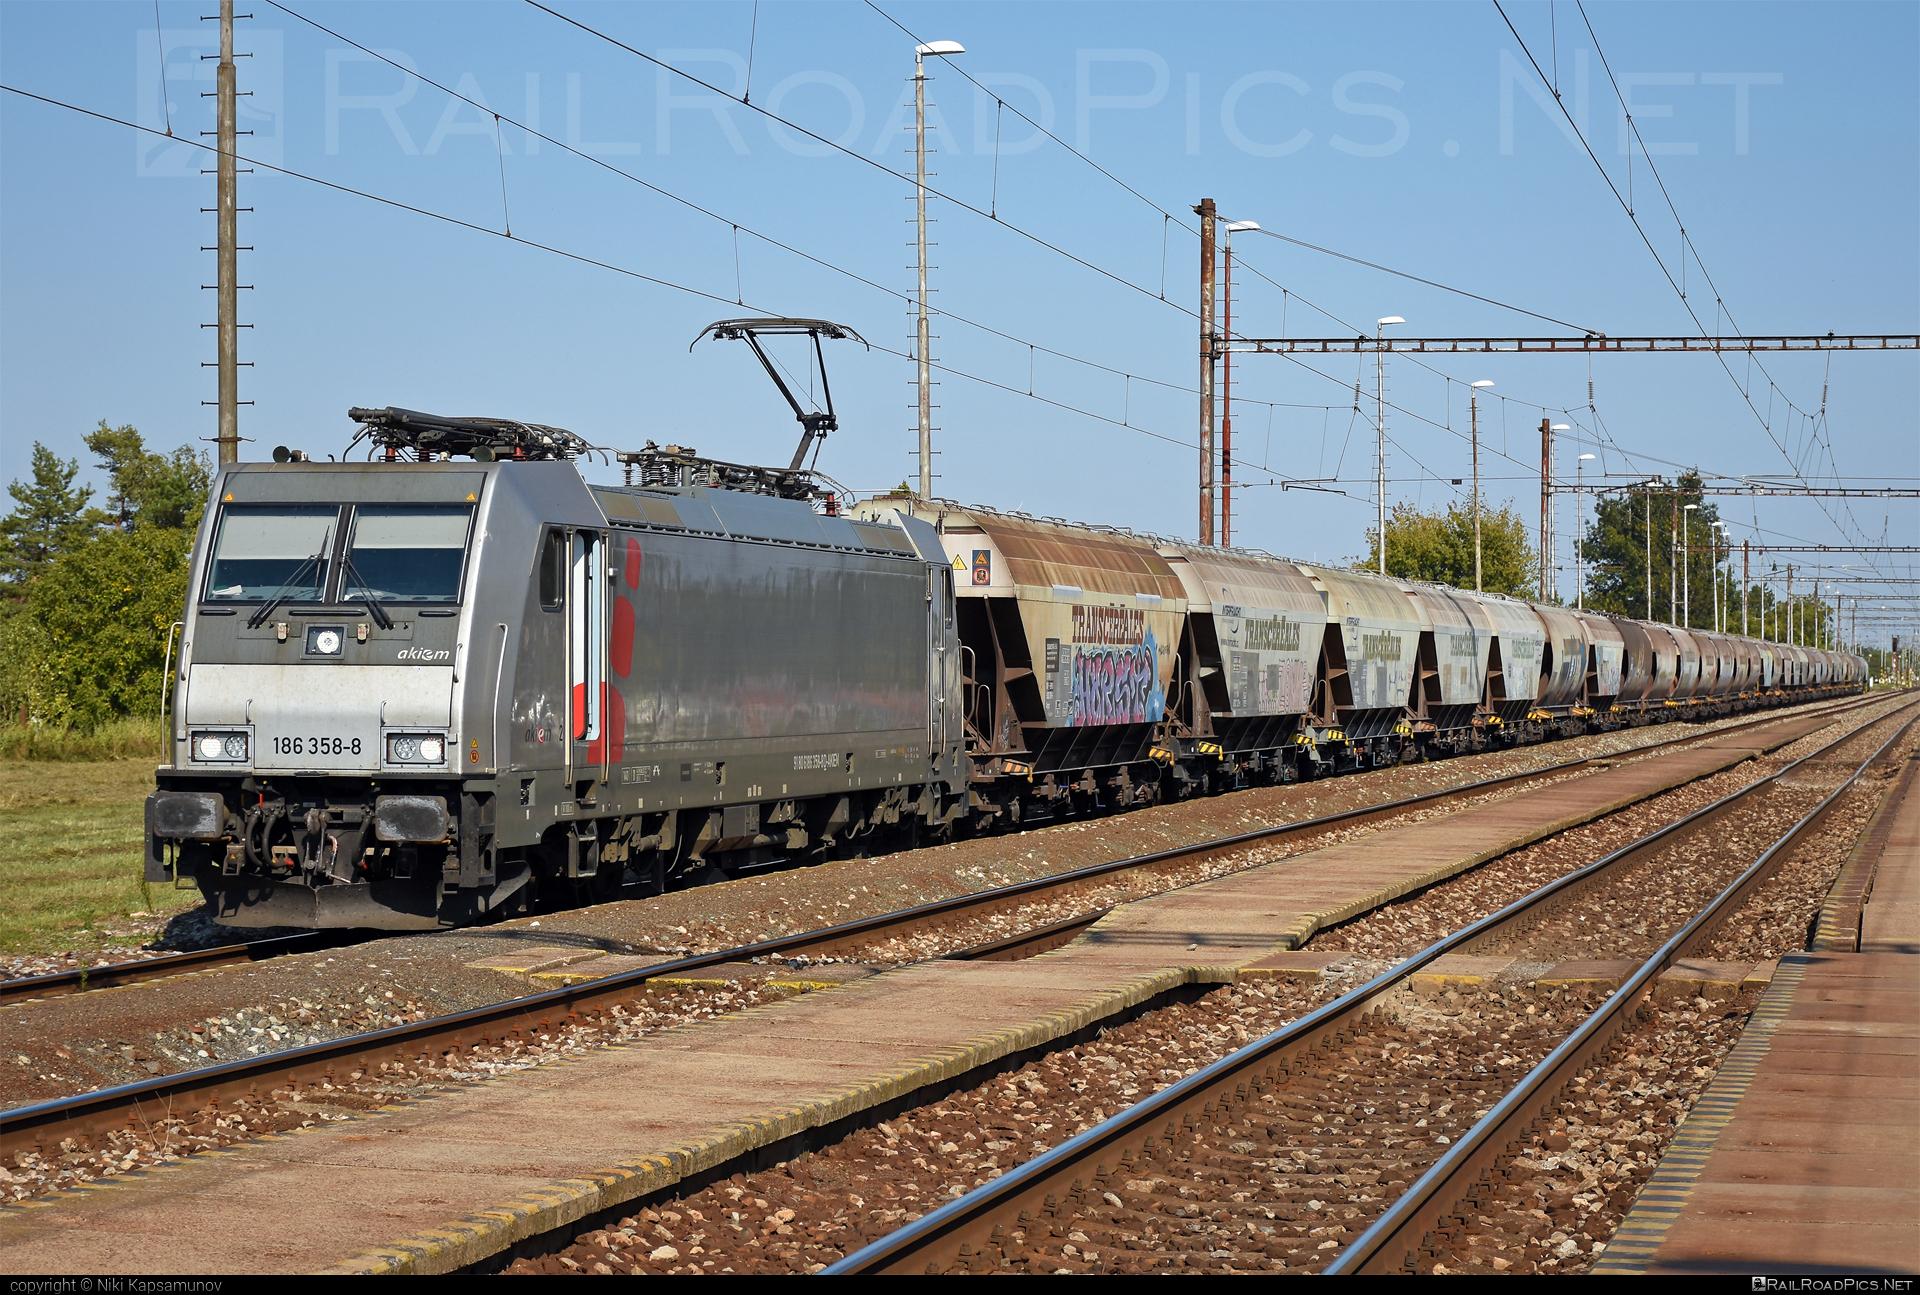 Bombardier TRAXX F140 MS - 186 358-8 operated by Prvá Slovenská železničná, a.s. #akiem #akiemsas #bombardier #bombardiertraxx #hopperwagon #prvaslovenskazeleznicna #prvaslovenskazeleznicnaas #psz #transcereales #traxx #traxxf140 #traxxf140ms